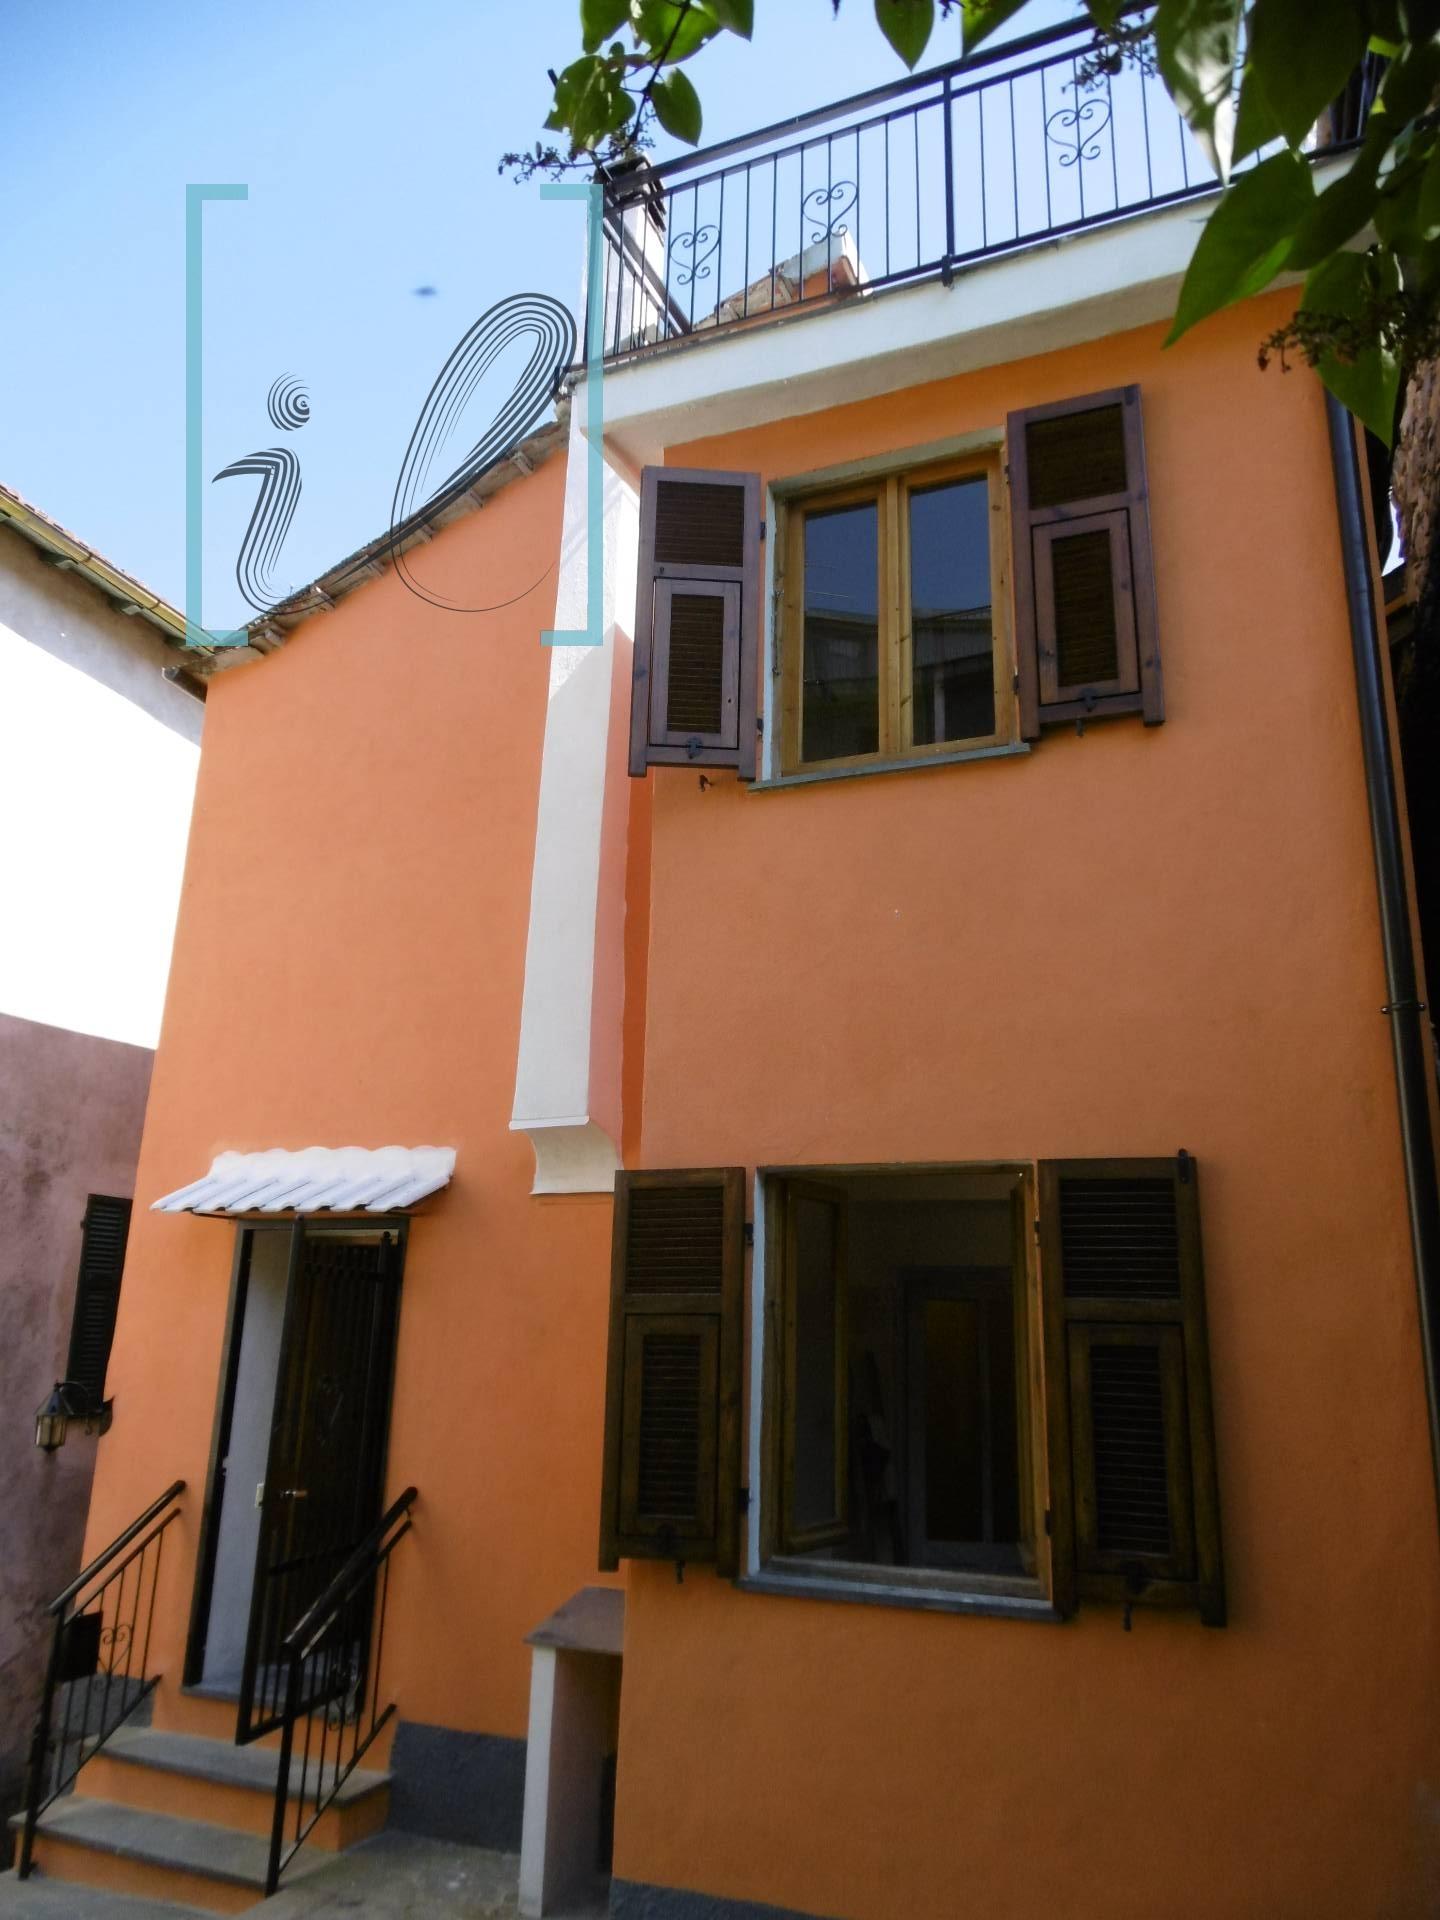 Rustico / Casale in vendita a Vessalico, 6 locali, prezzo € 85.000 | CambioCasa.it